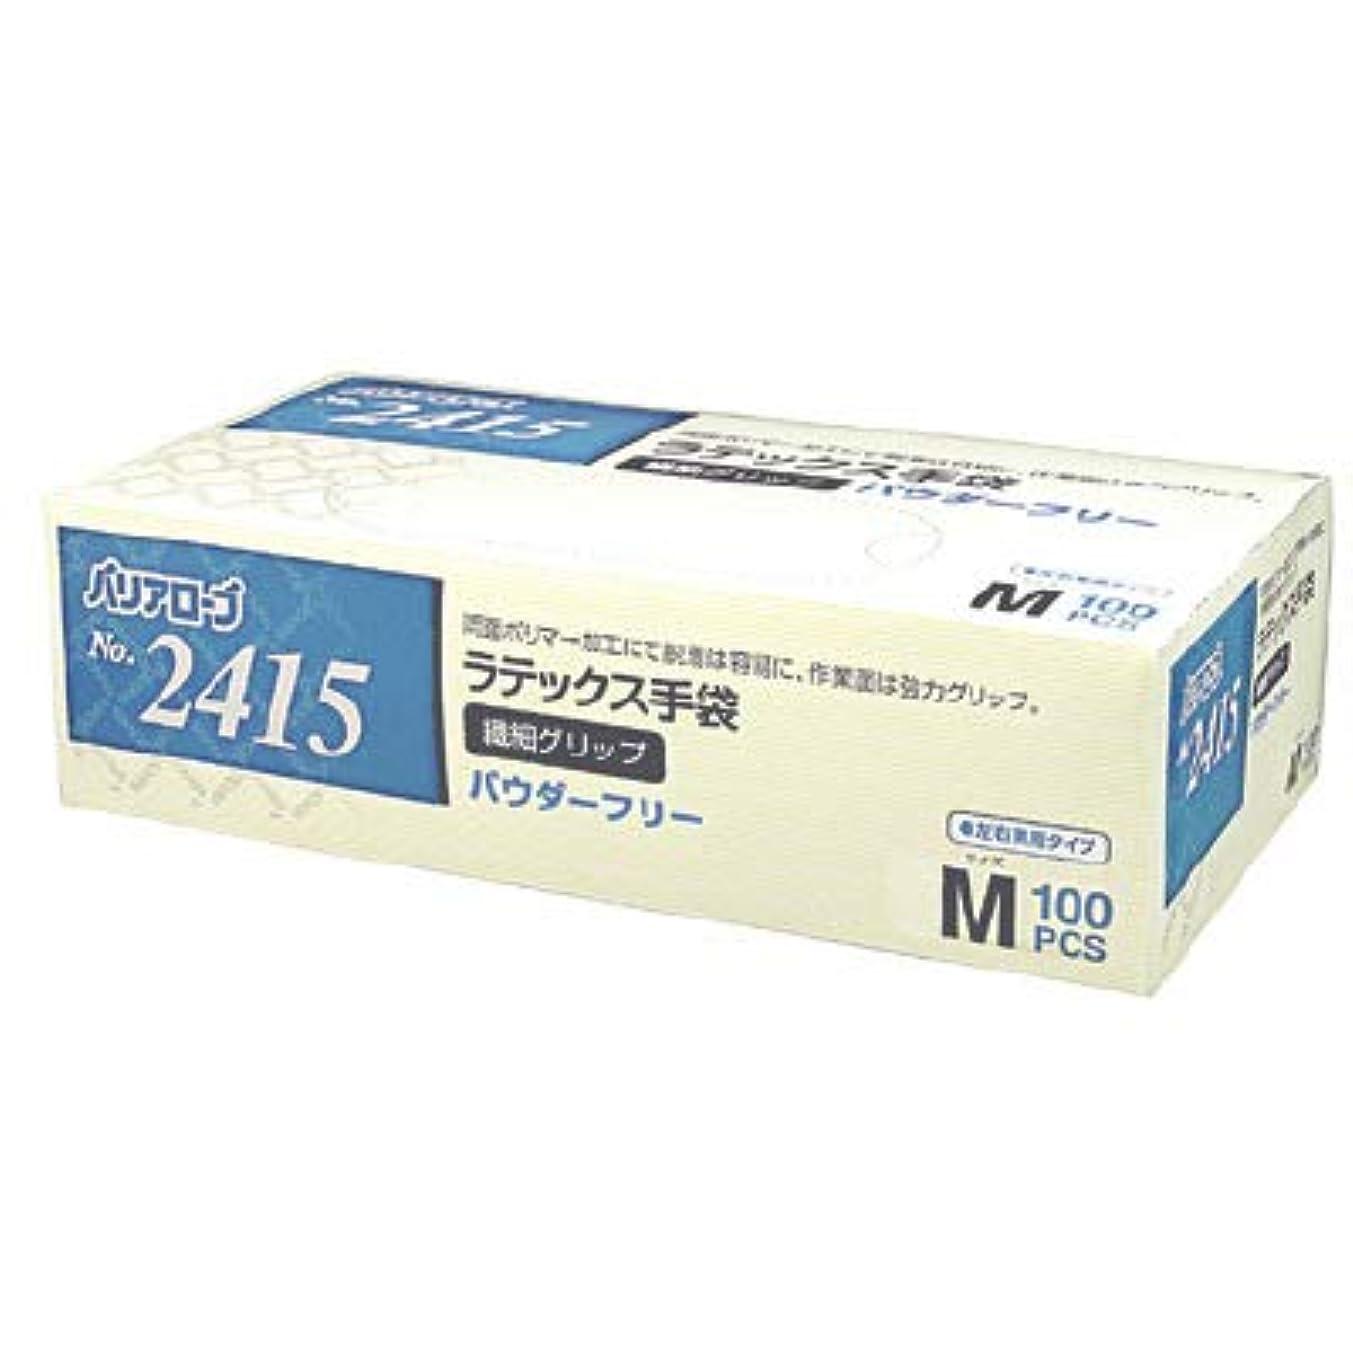 影響を受けやすいです治世小道【ケース販売】 バリアローブ №2415 ラテックス手袋 繊細グリップ (パウダーフリー) M 2000枚(100枚×20箱)